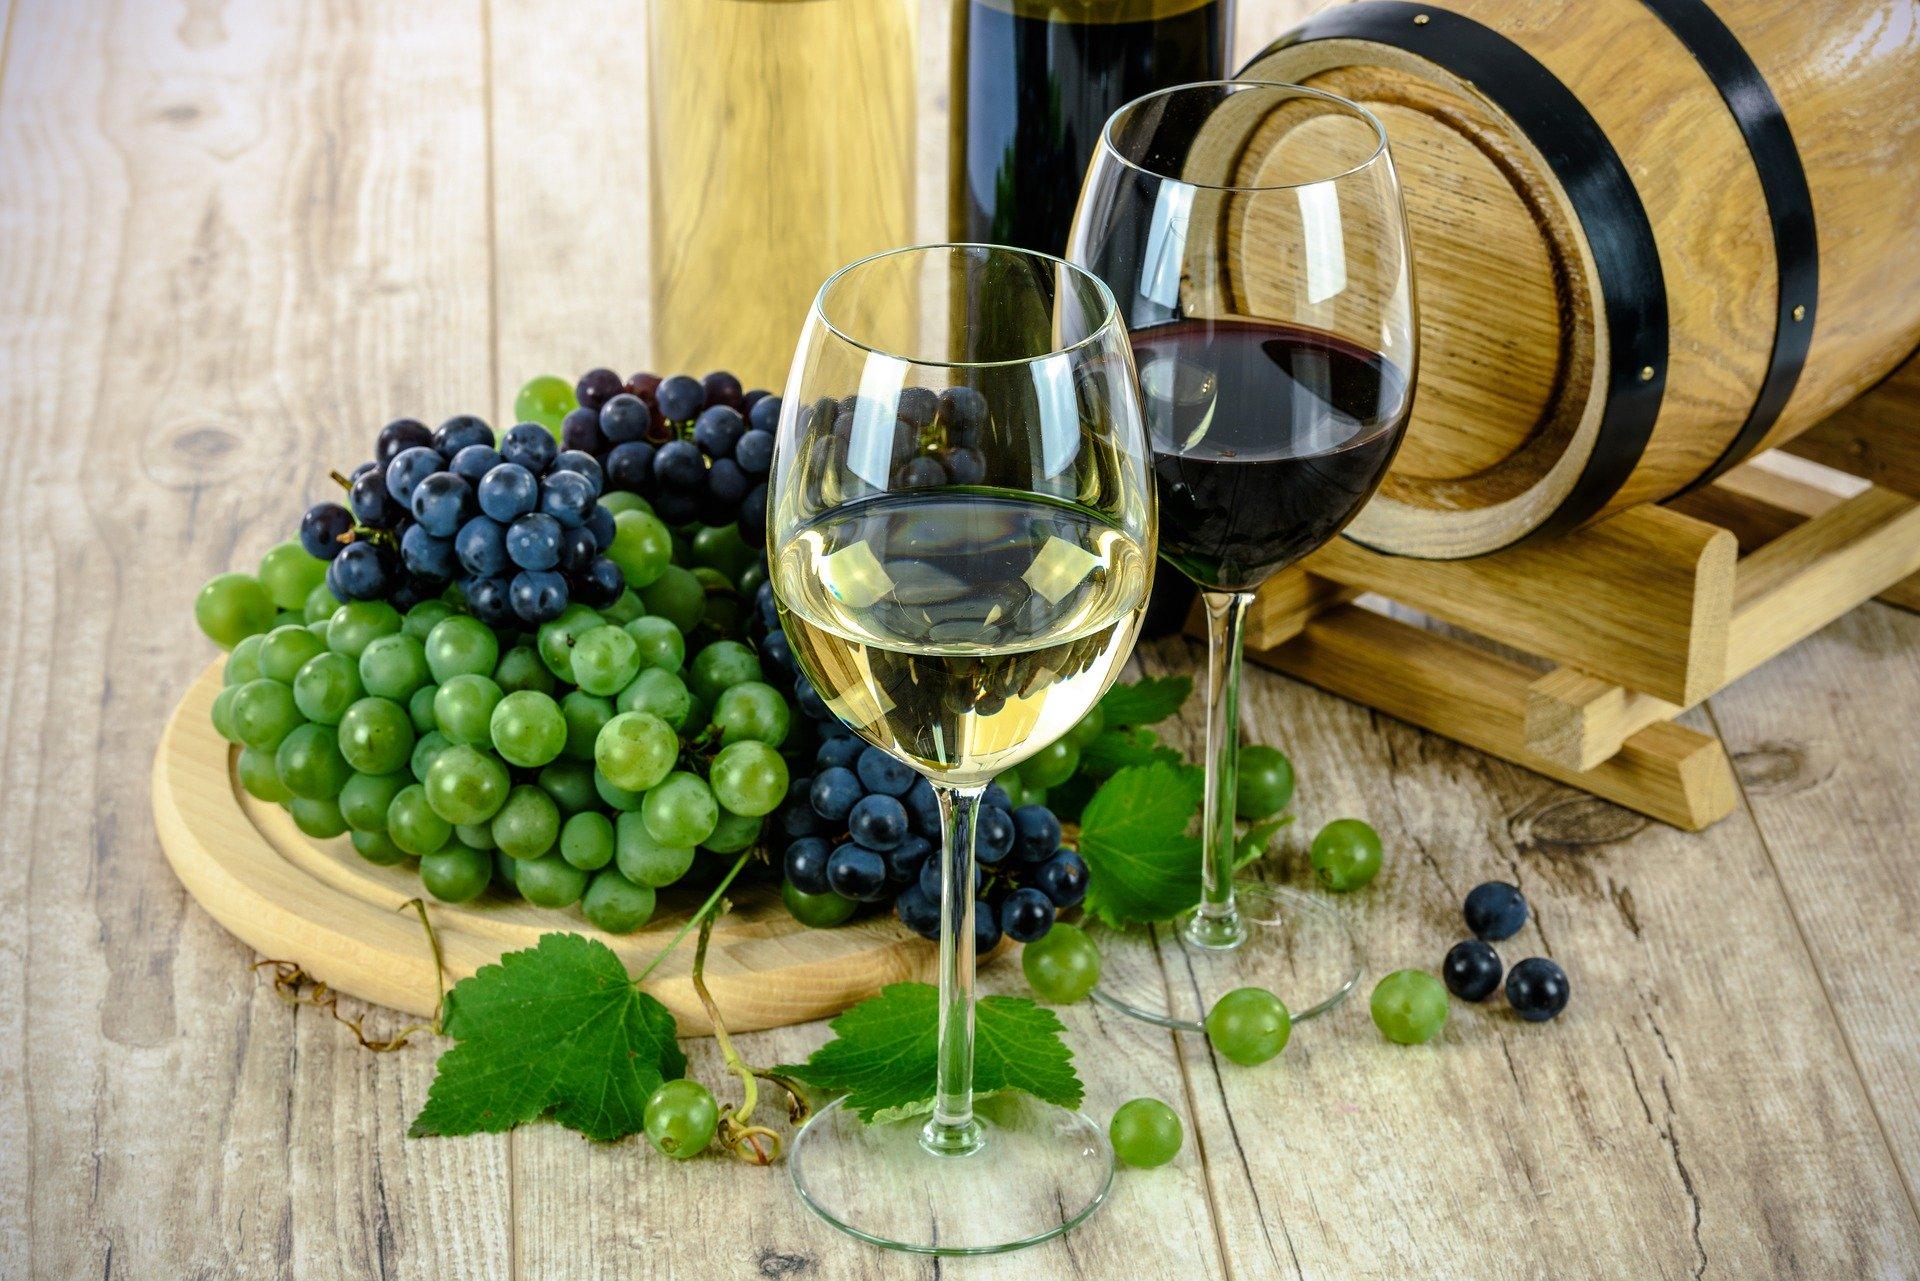 Употребление алкоголя повышает риск артериального давления при диабете